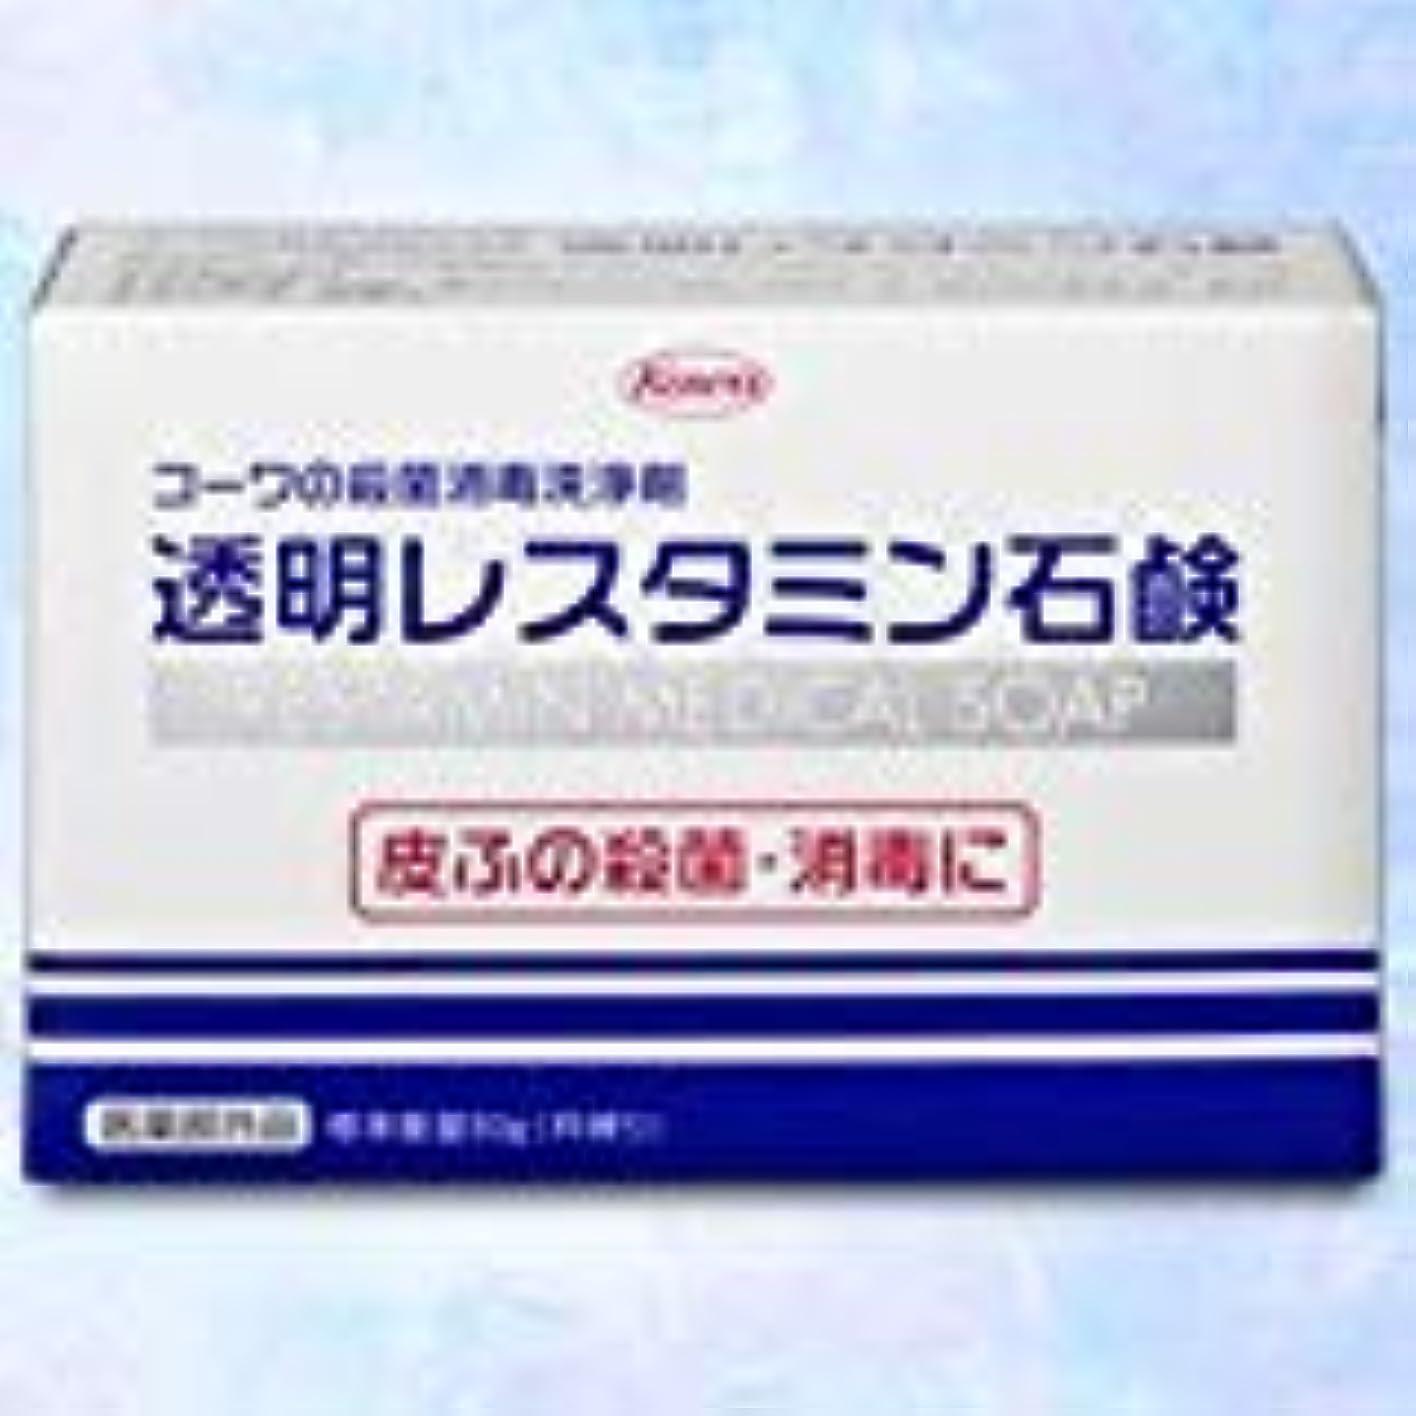 あたたかいさわやか通知する【興和】コーワの殺菌消毒洗浄剤「透明レスタミン石鹸」80g(医薬部外品) ×3個セット